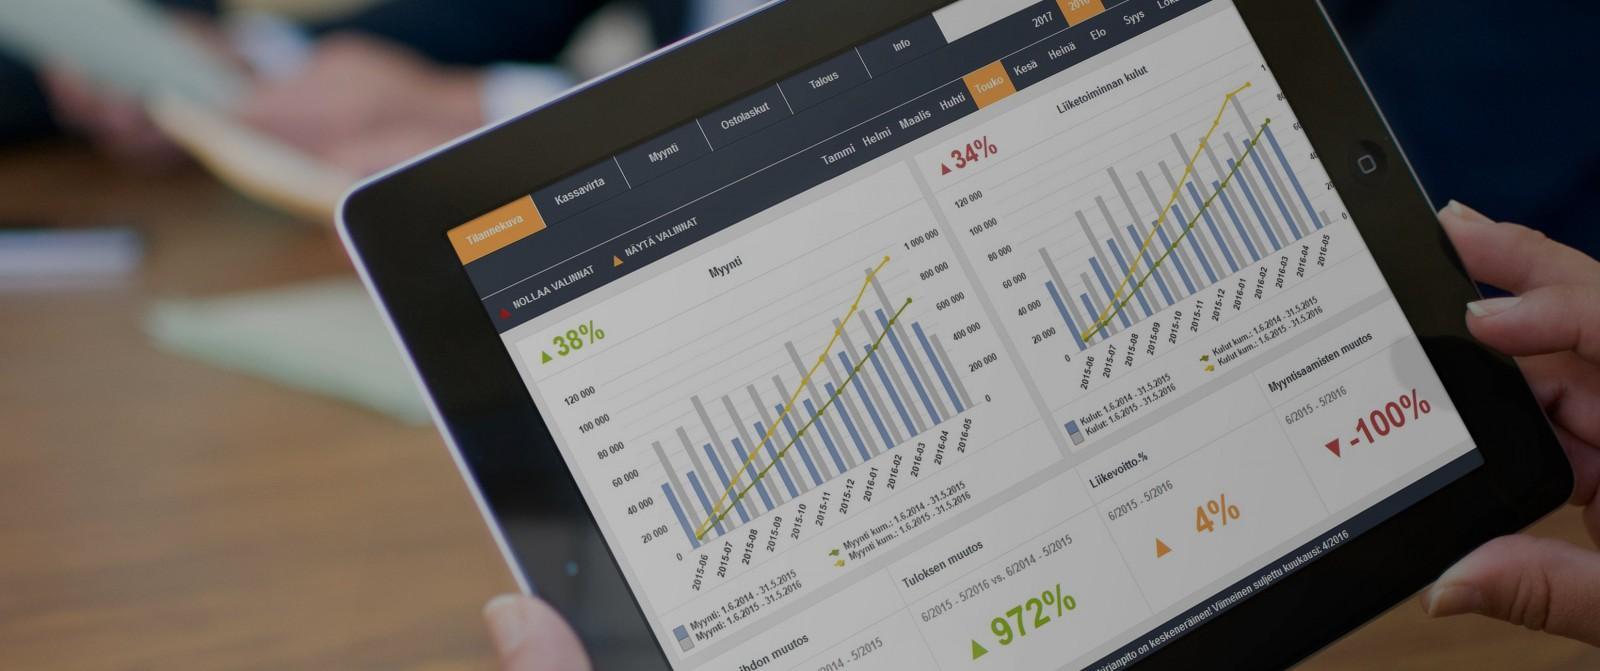 Administerin asiakkaana käytössäsi on nyt markkinoiden kehittynein raportointijärjestelmä osana eFinaa.